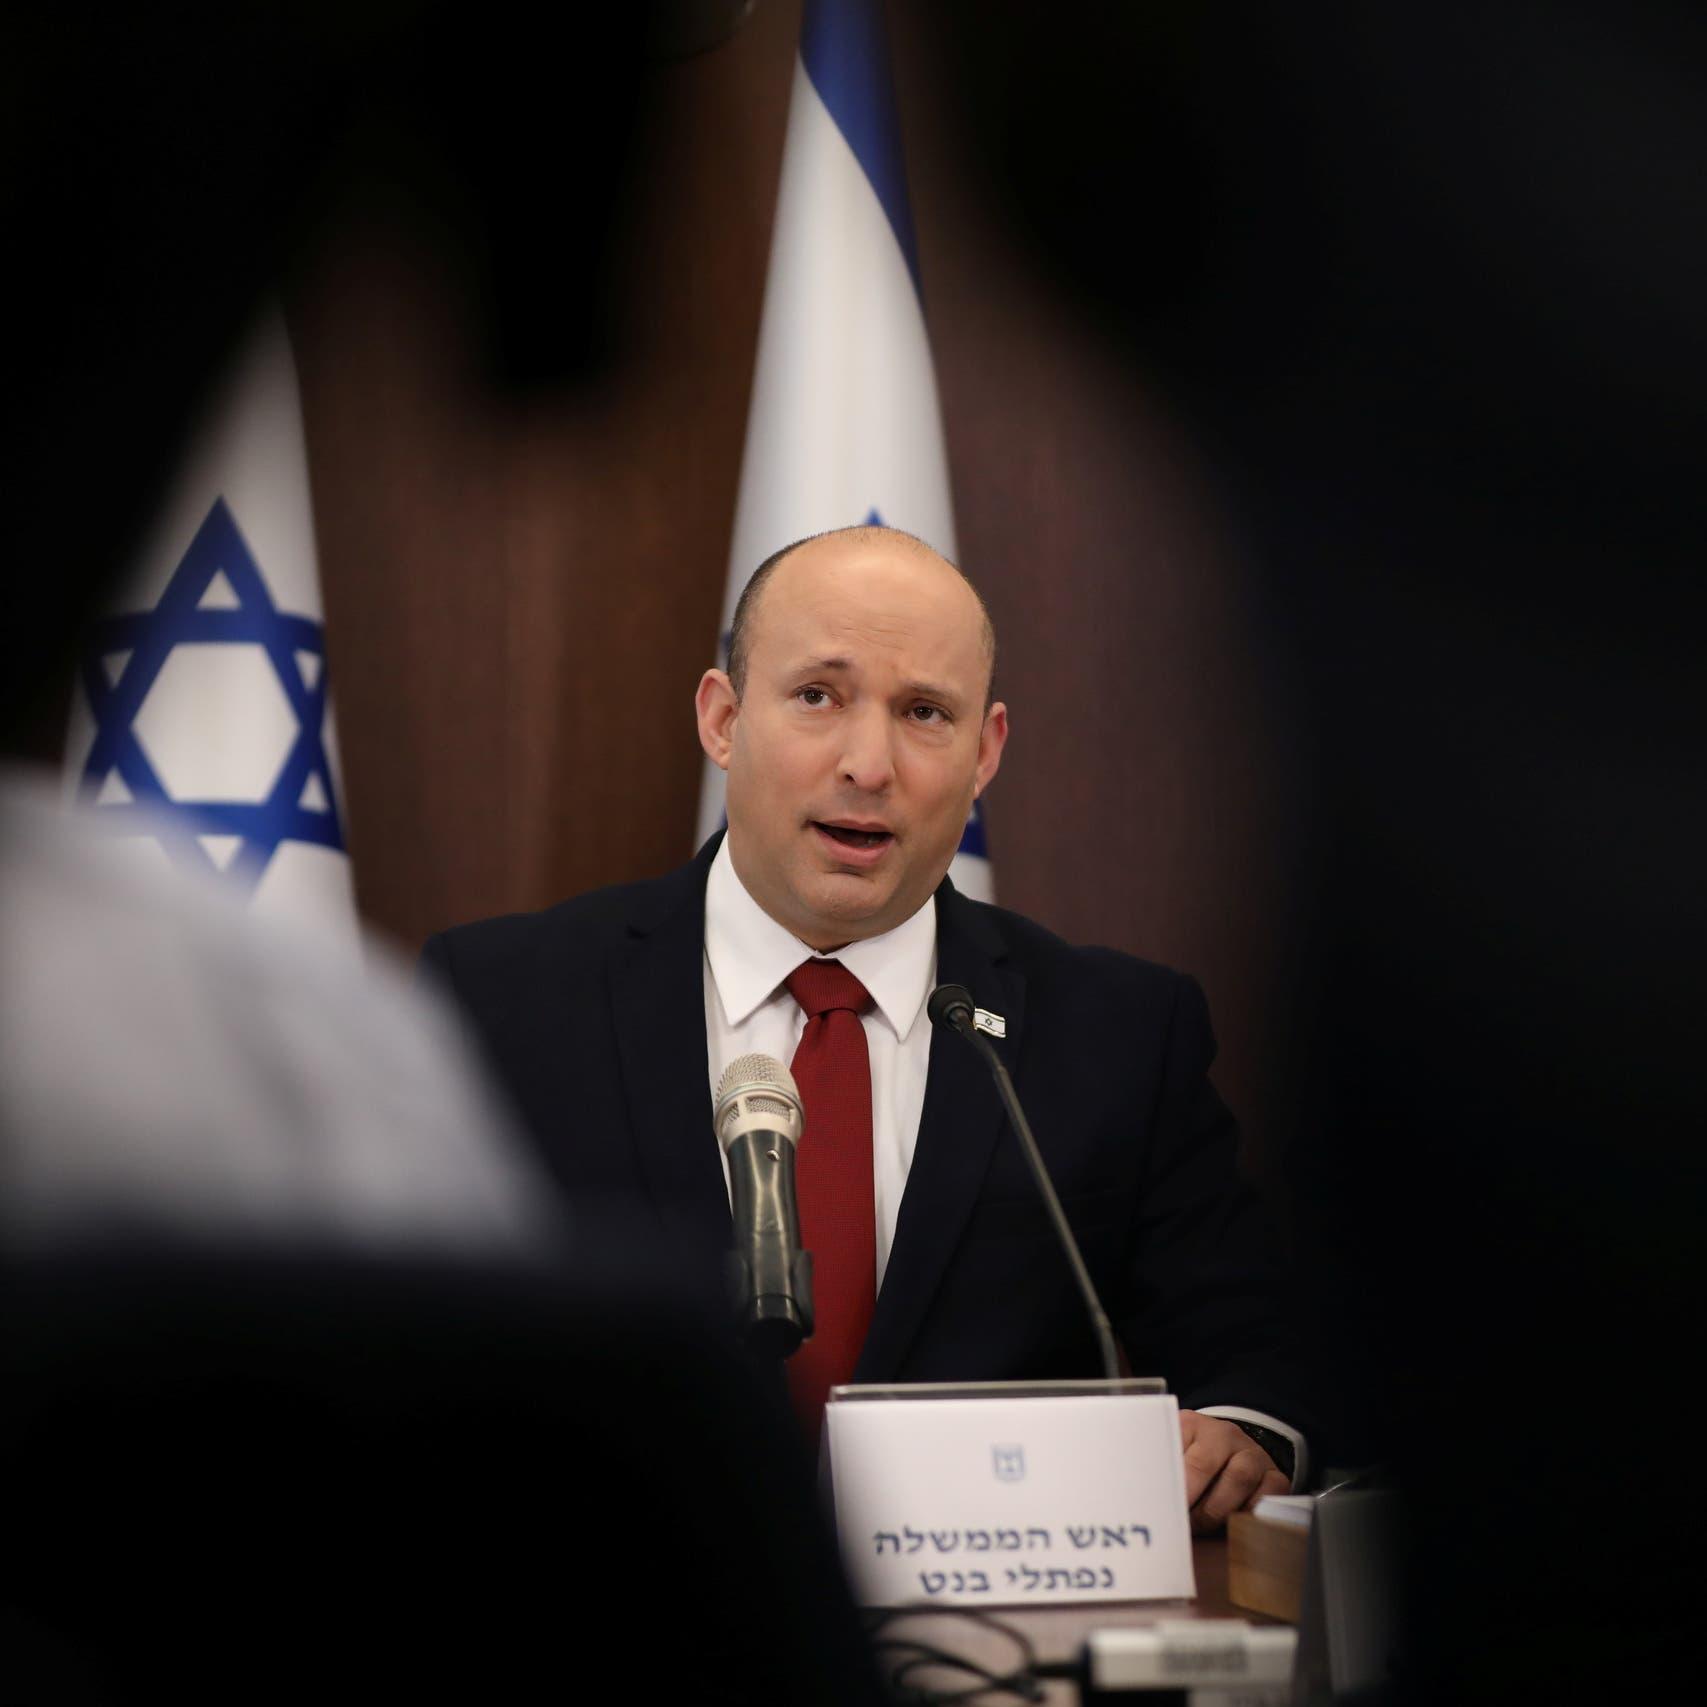 إسرائيل: نبقي الخيارات مفتوحة بالتحرك بمفردنا ضد إيران